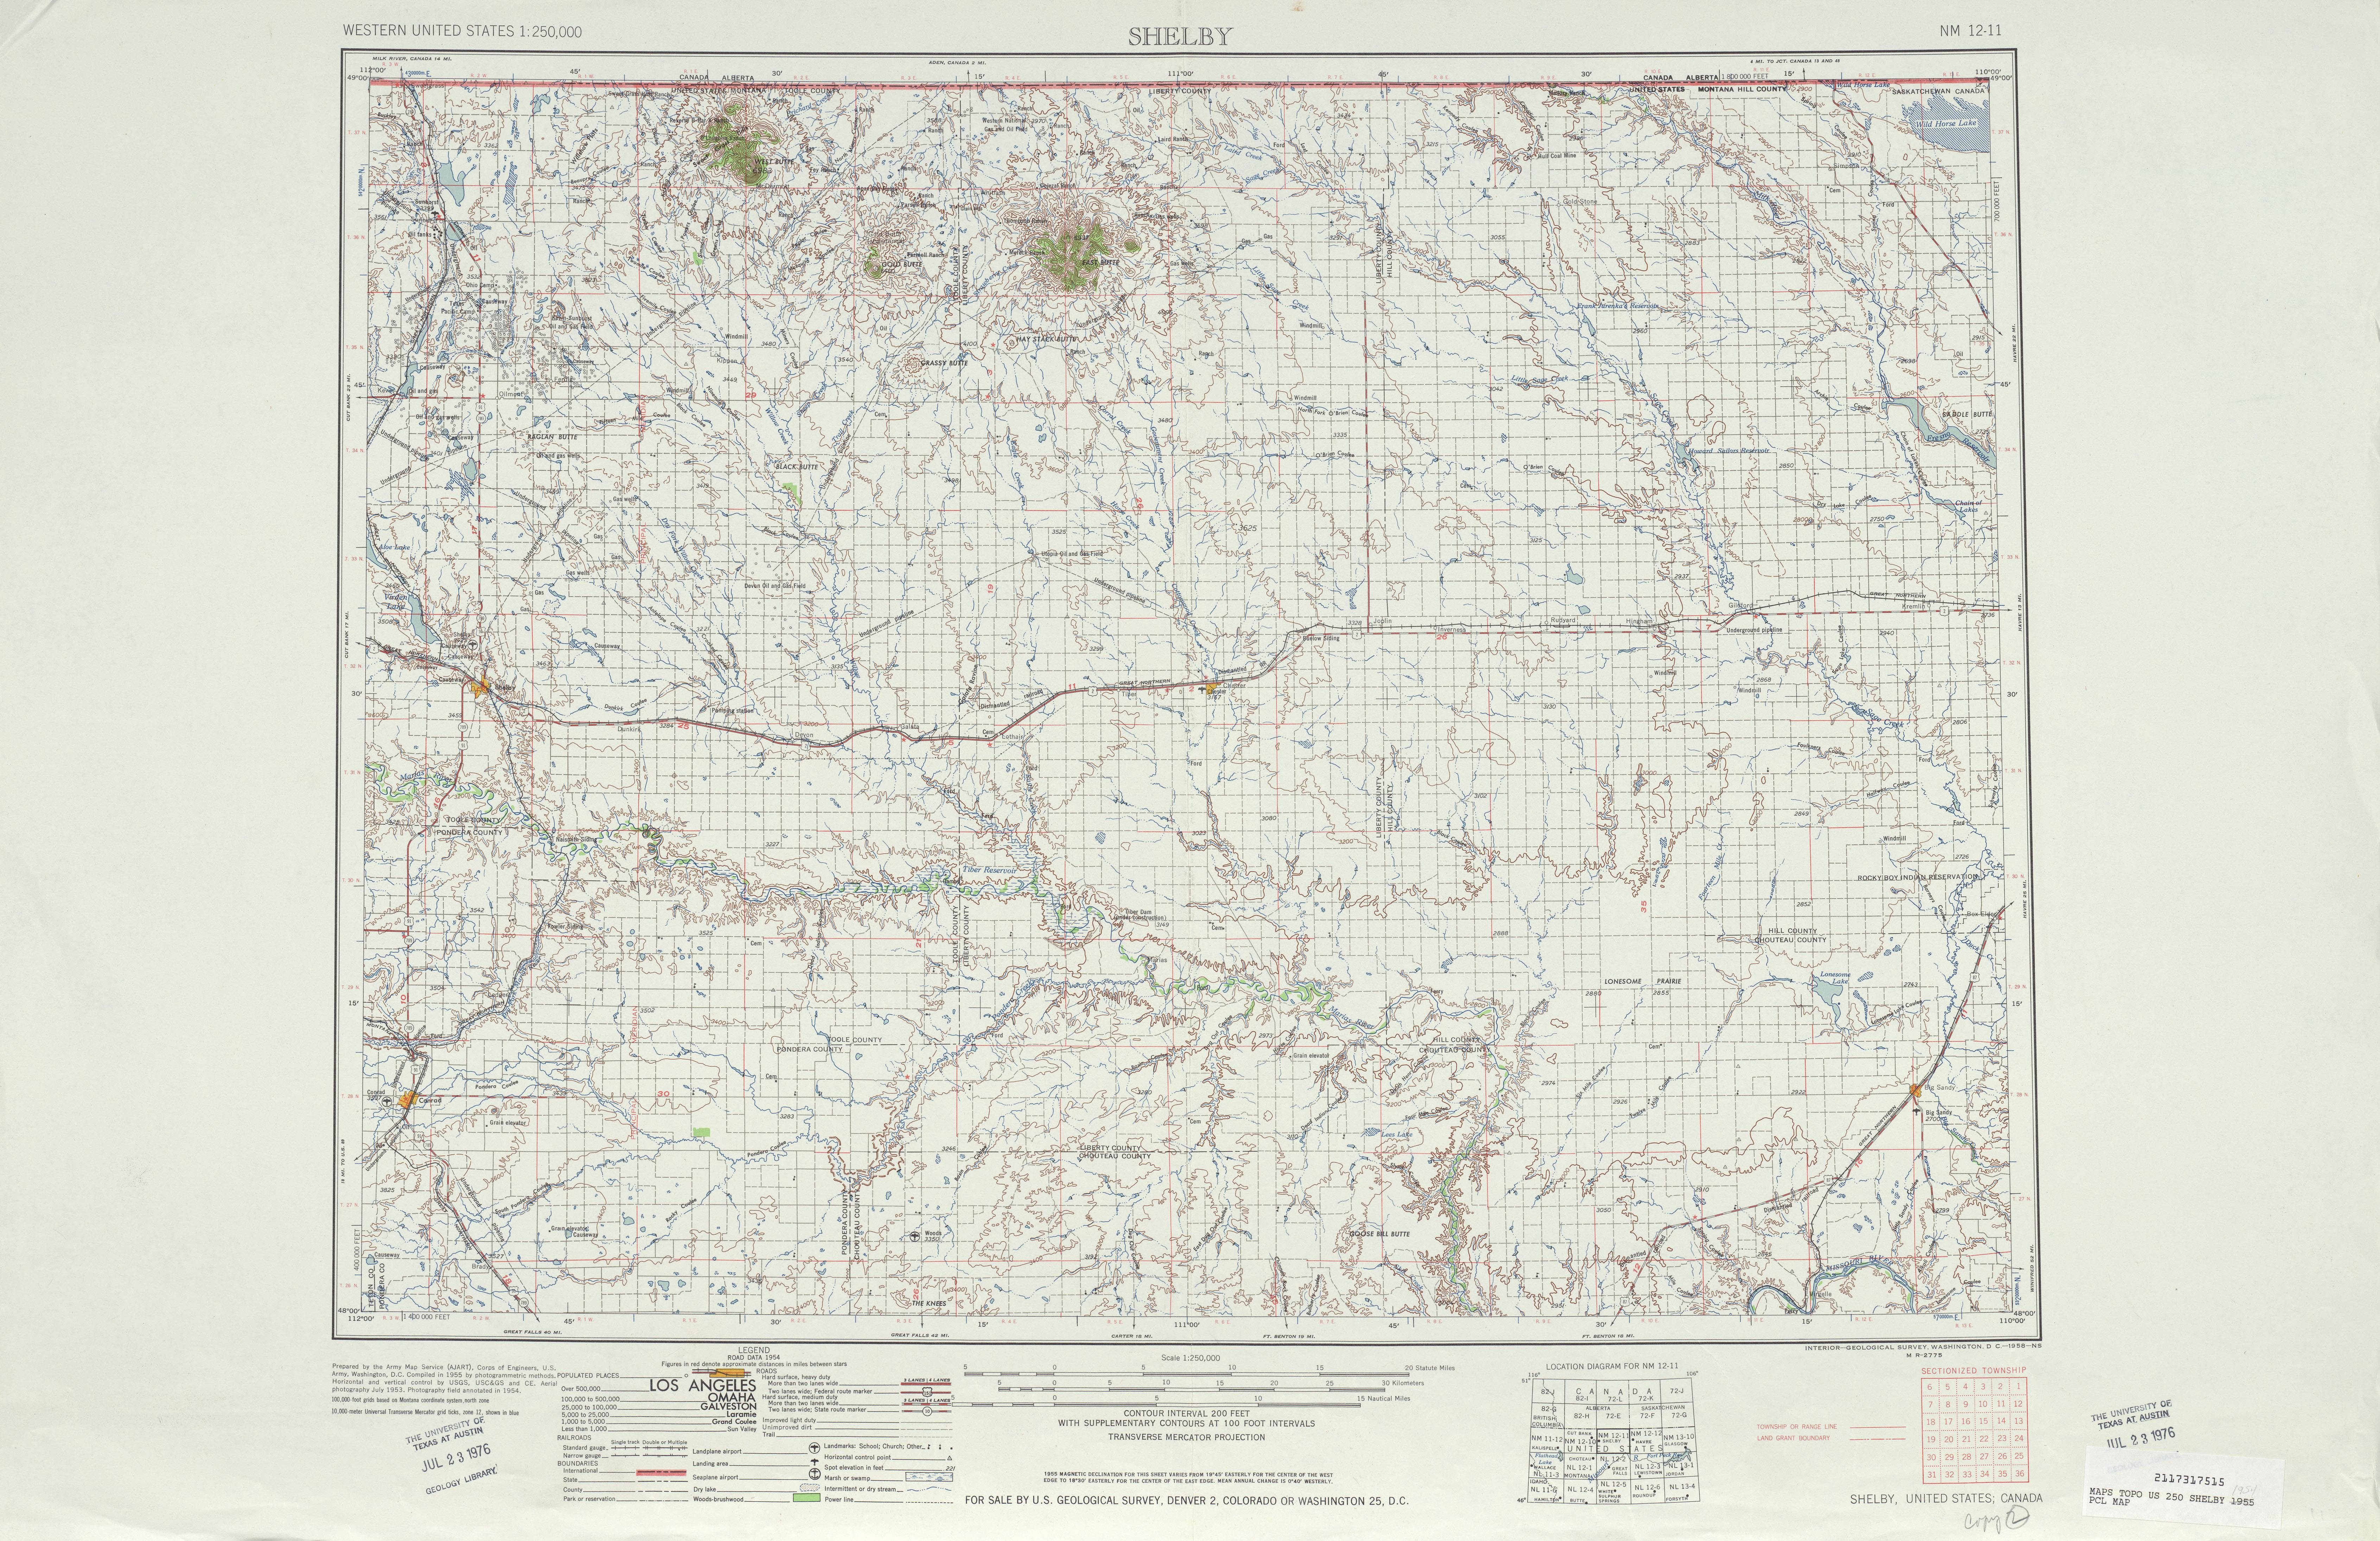 Hoja Shelby del Mapa Topográfico de los Estados Unidos 1954